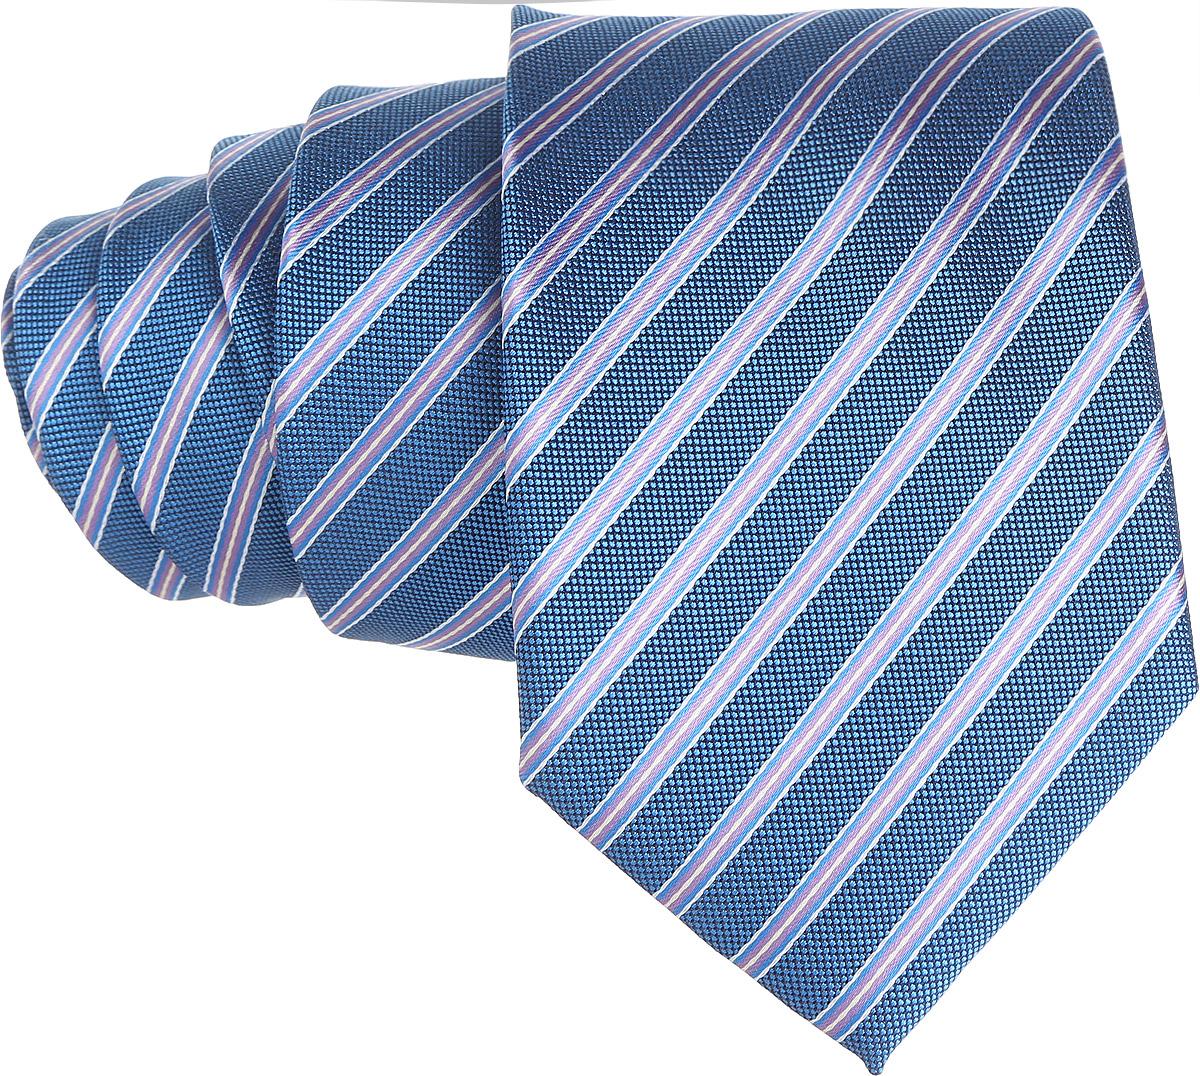 Галстук. 12.01851612.018515Стильный галстук BTC станет отличным завершающим штрихом вашего образа. Этот модный аксессуар порадует вас высоким качеством исполнения и современным дизайном. Изделие полностью выполнено из качественного полиэстера. Галстук оформлен оригинальным принтом. Такой оригинальный галстук подойдет как к повседневному, так и к официальному наряду, он позволит вам подчеркнуть свою индивидуальность и создать свой неповторимый стиль.